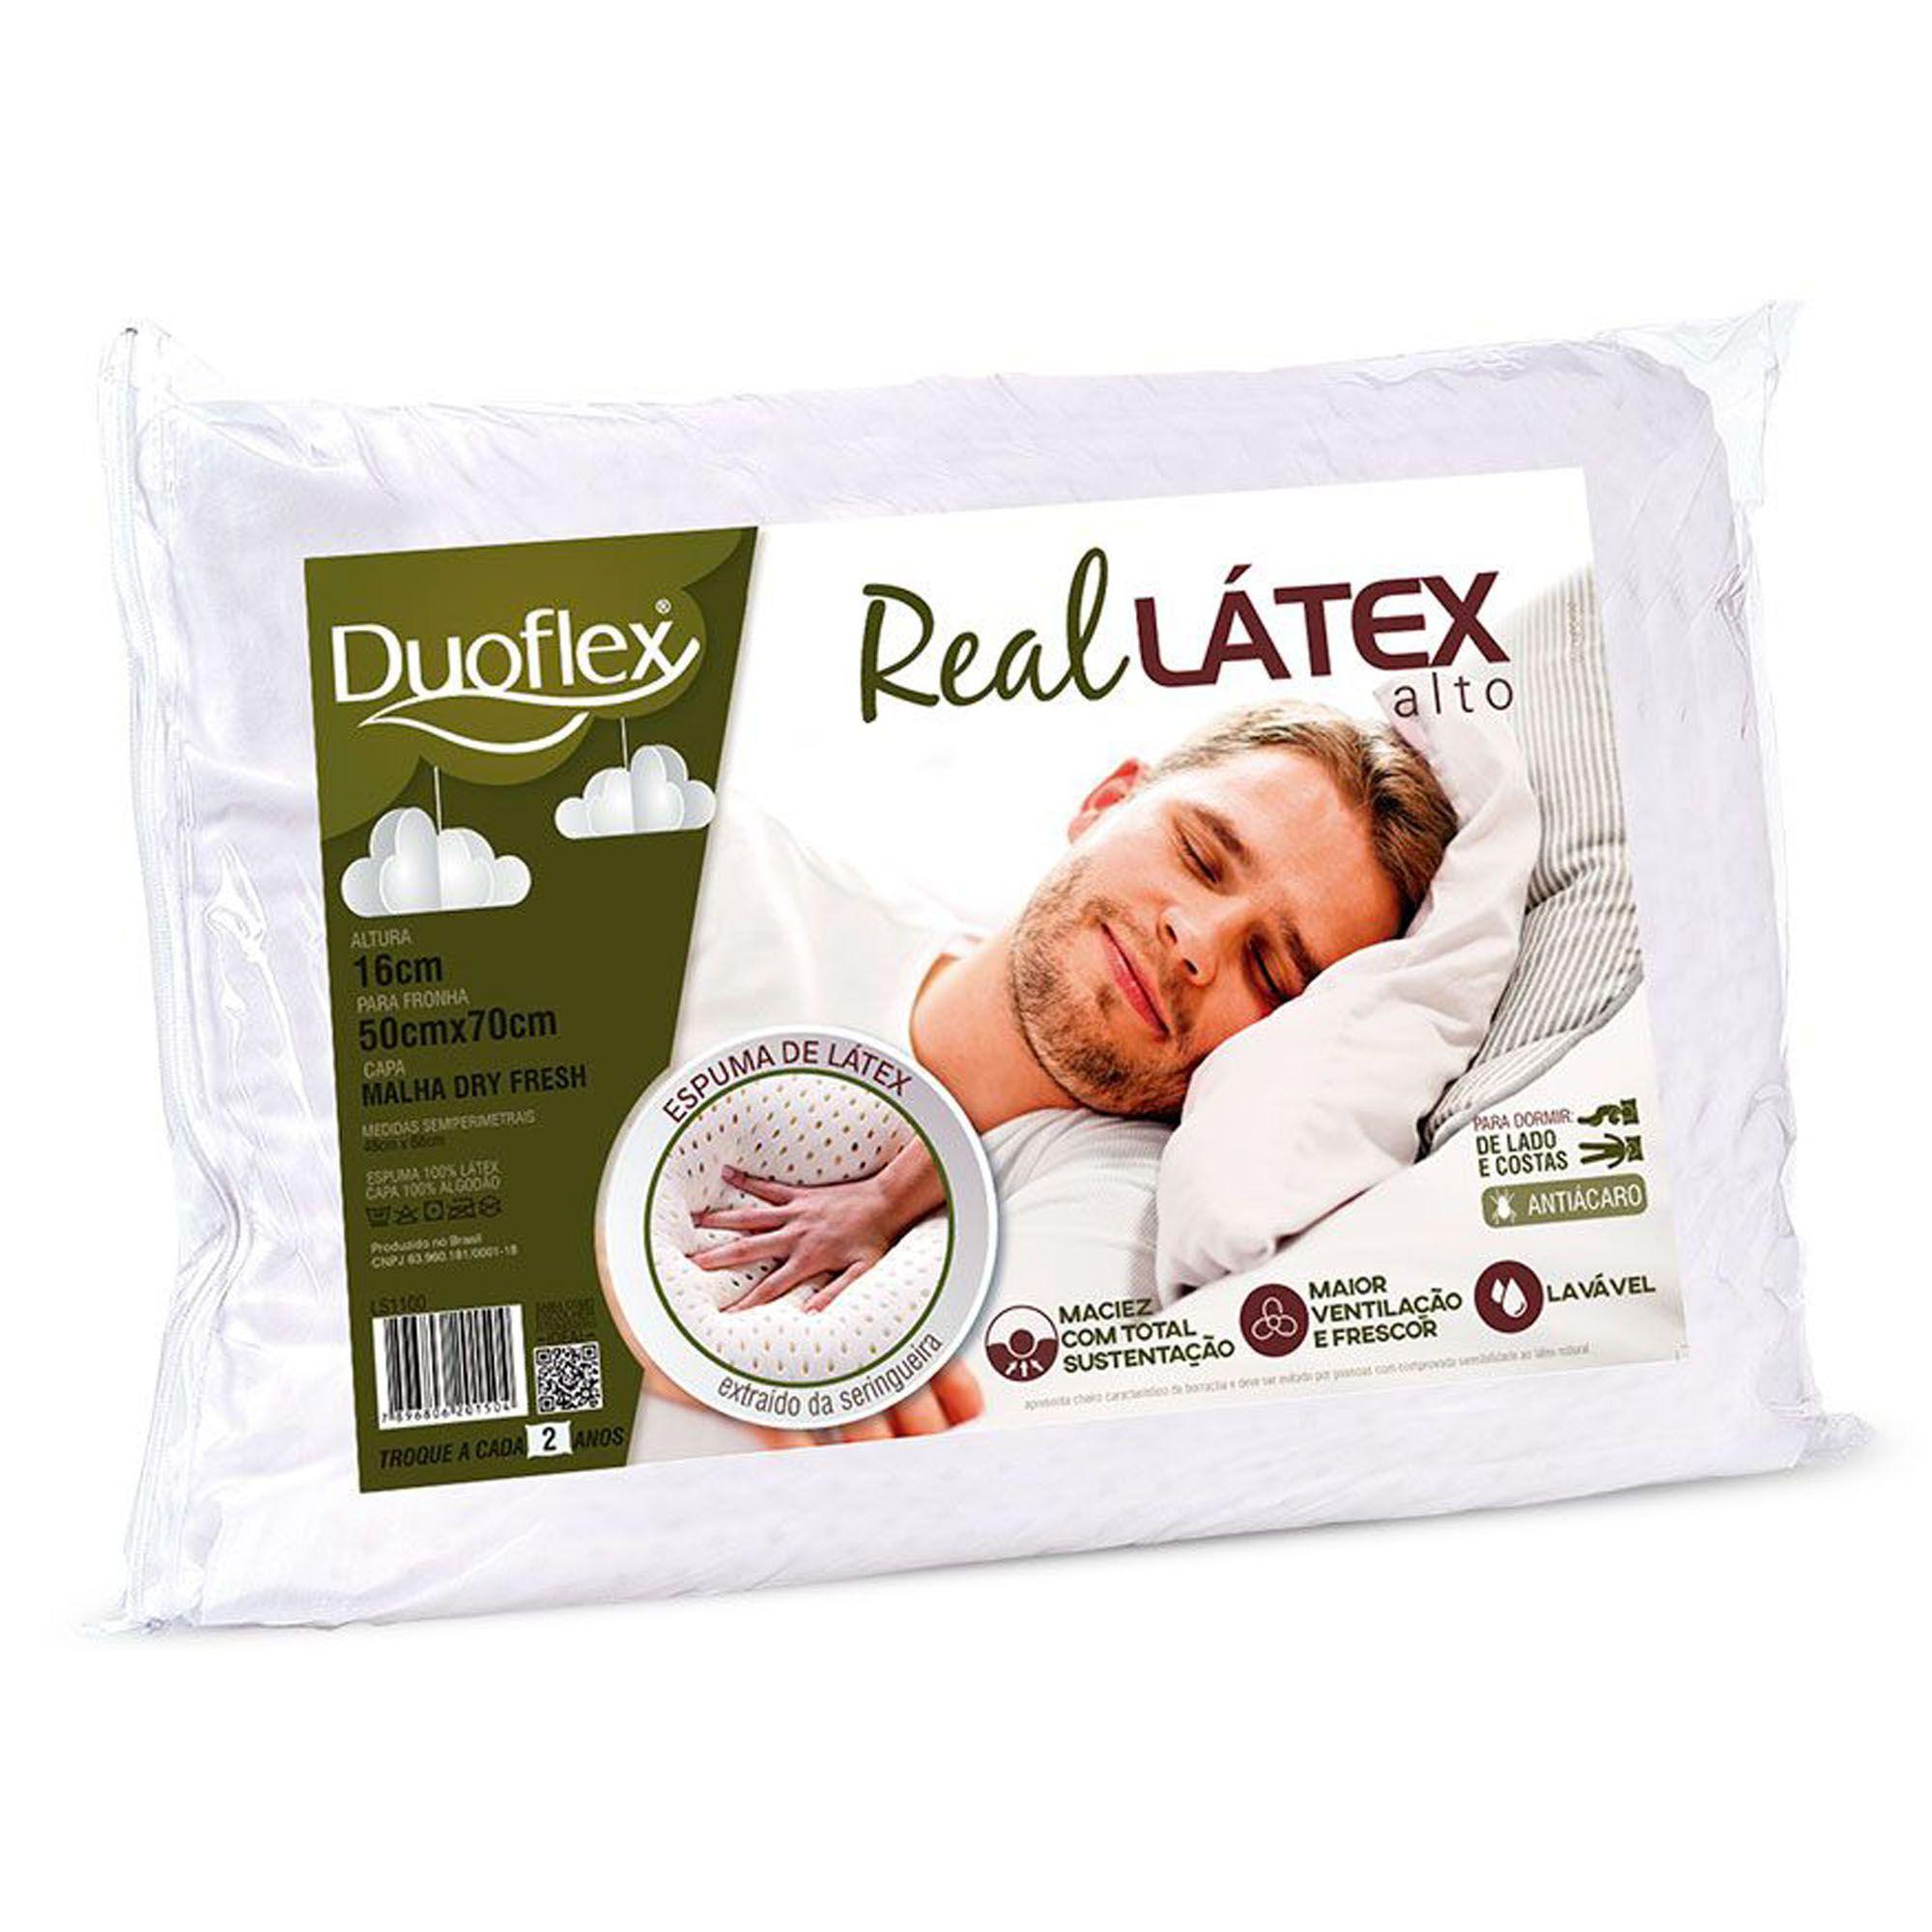 Travesseiro Duoflex Real Látex Alto, Intermediário, 050 x 070 x 016 cm